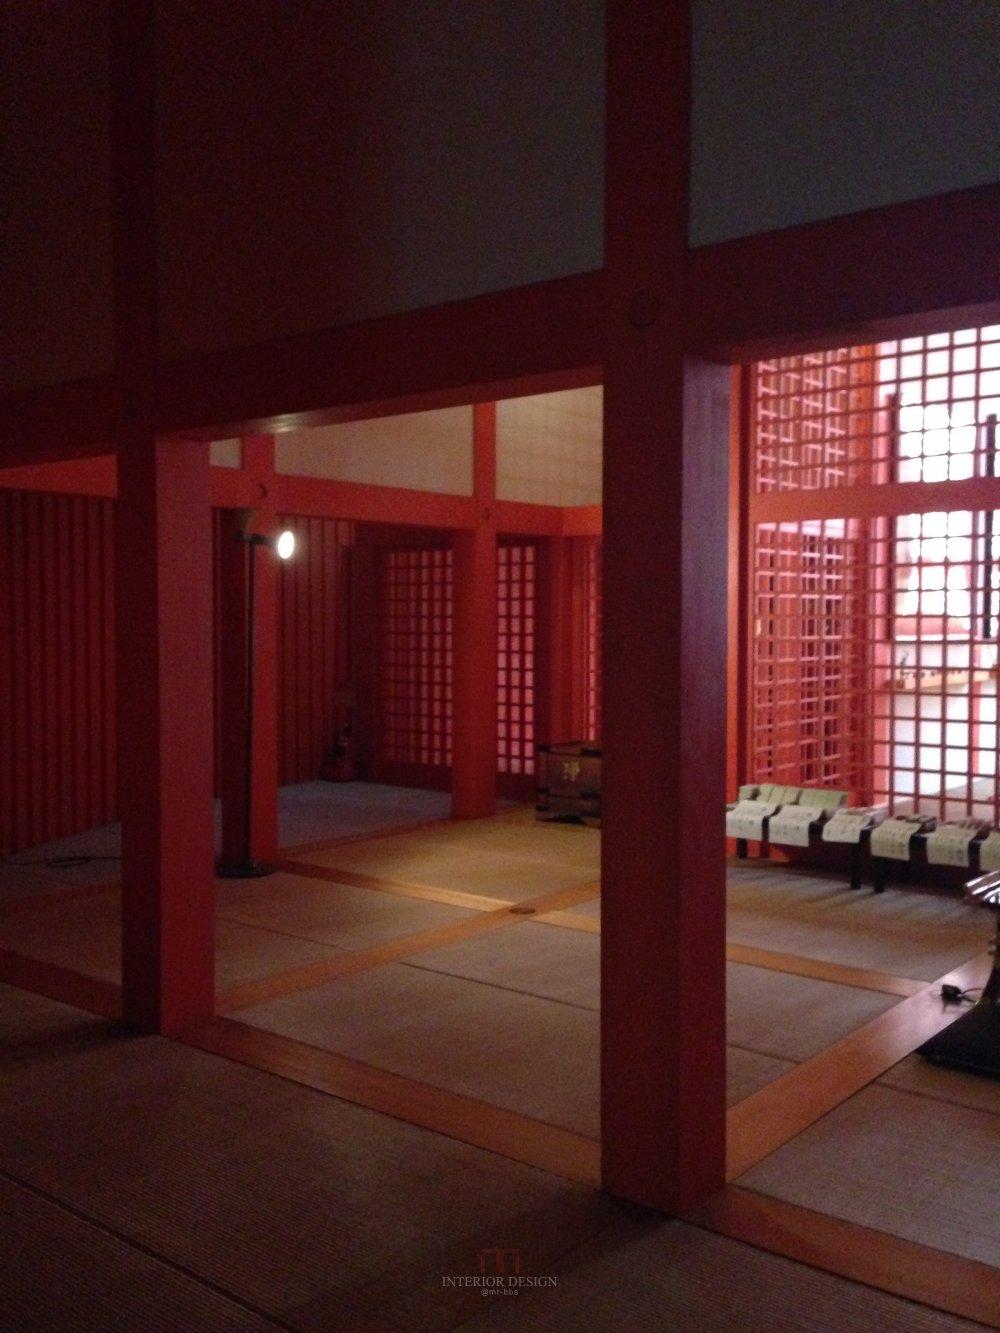 #伙伴一起看日本#  日本设计考察分享(更新美秀美术馆)_IMG_5193.JPG